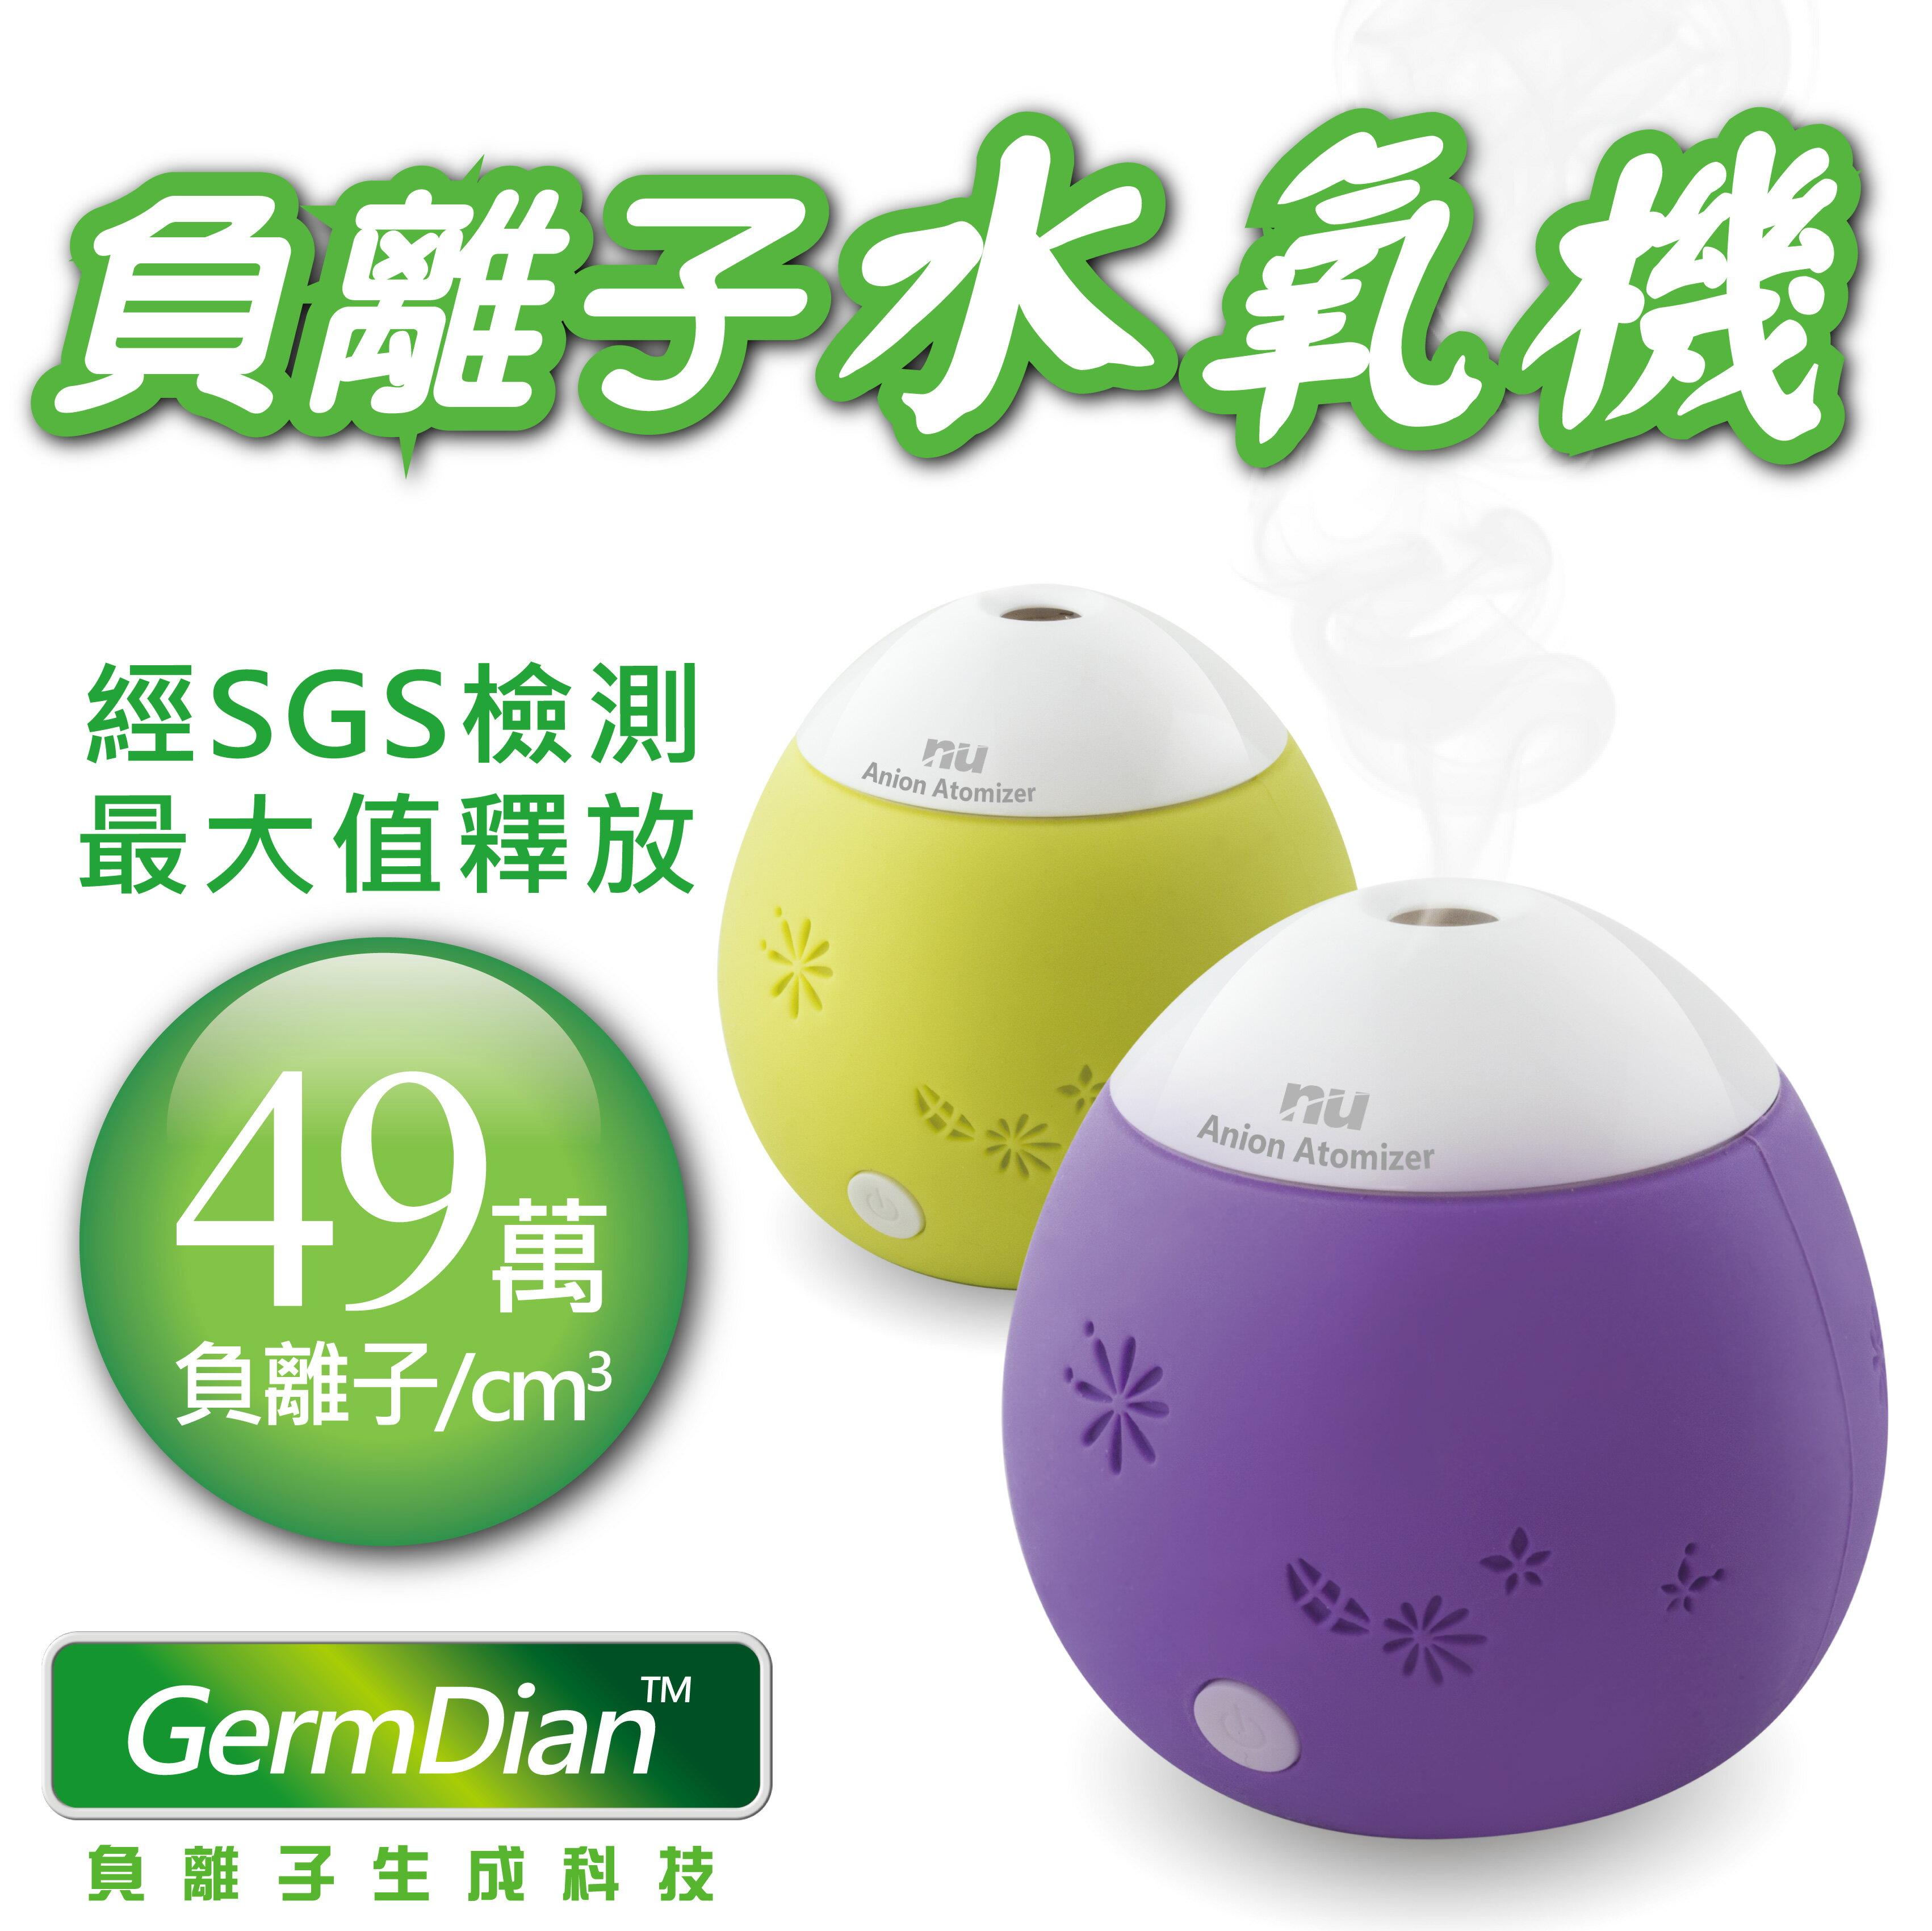 Germdian鈦鍺能量護具